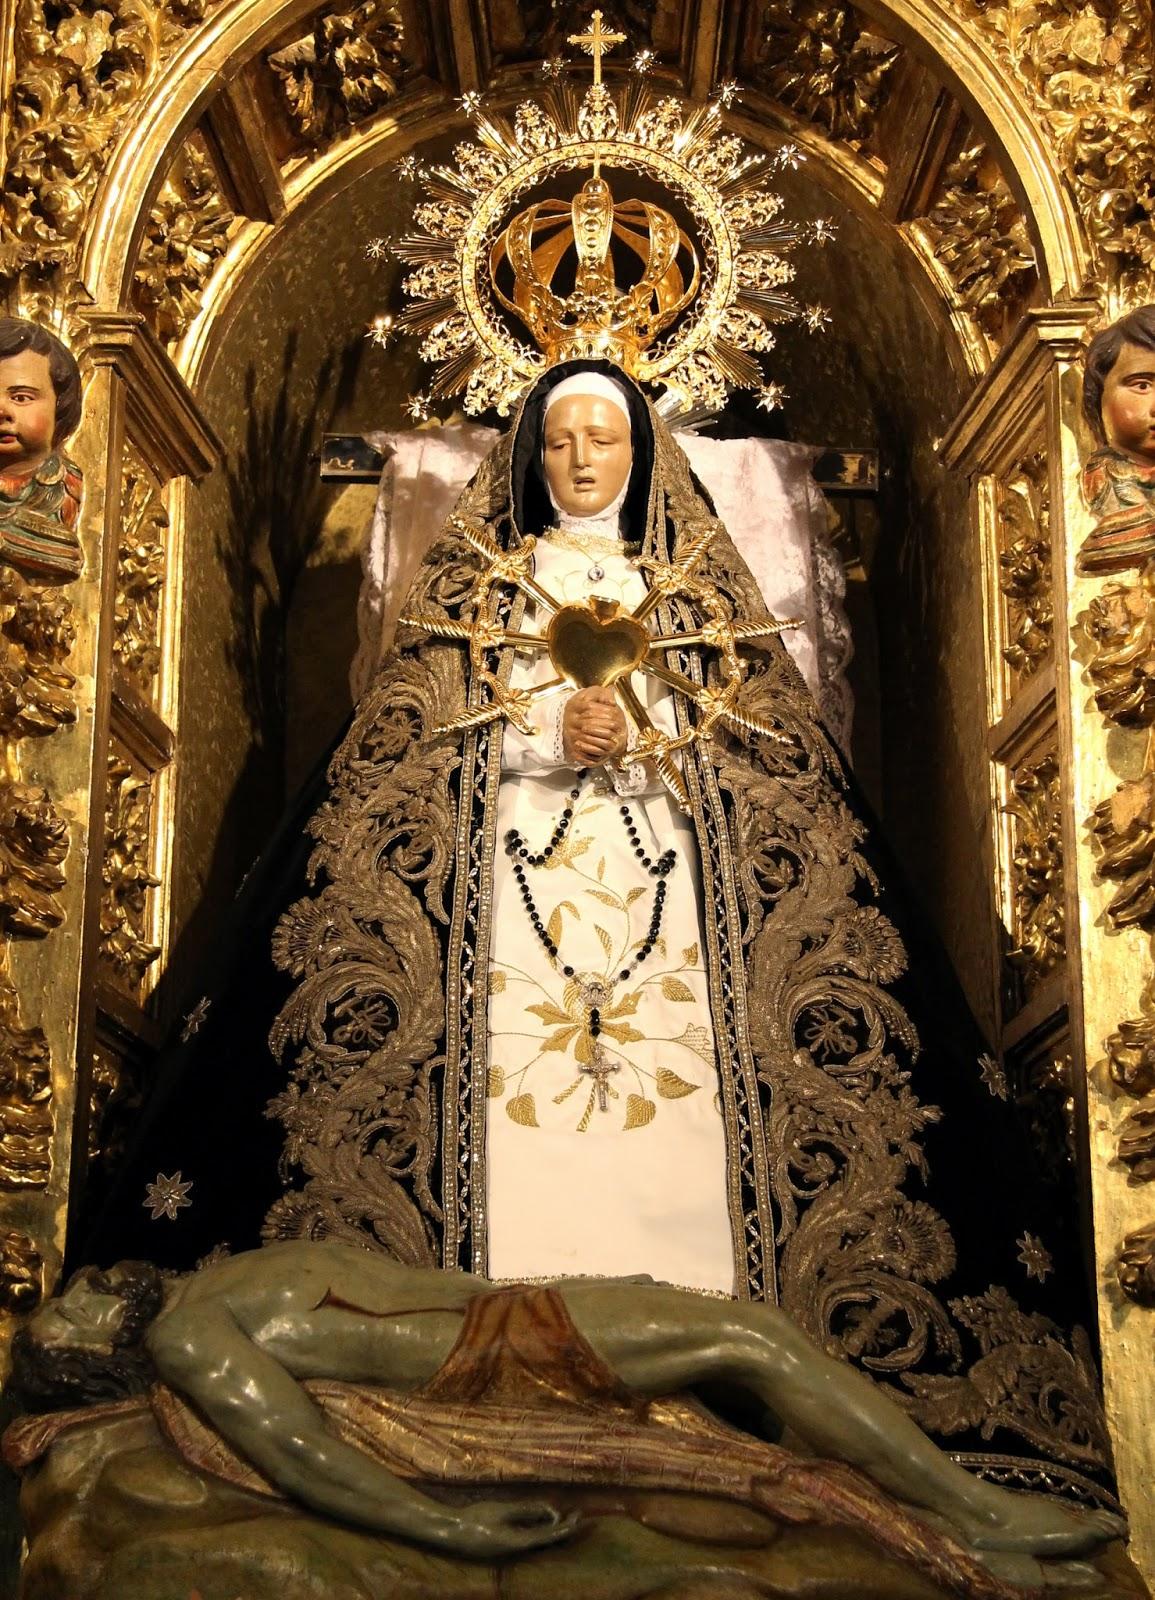 Alba y jesus en el stand de ana g en el feda - 2 part 1